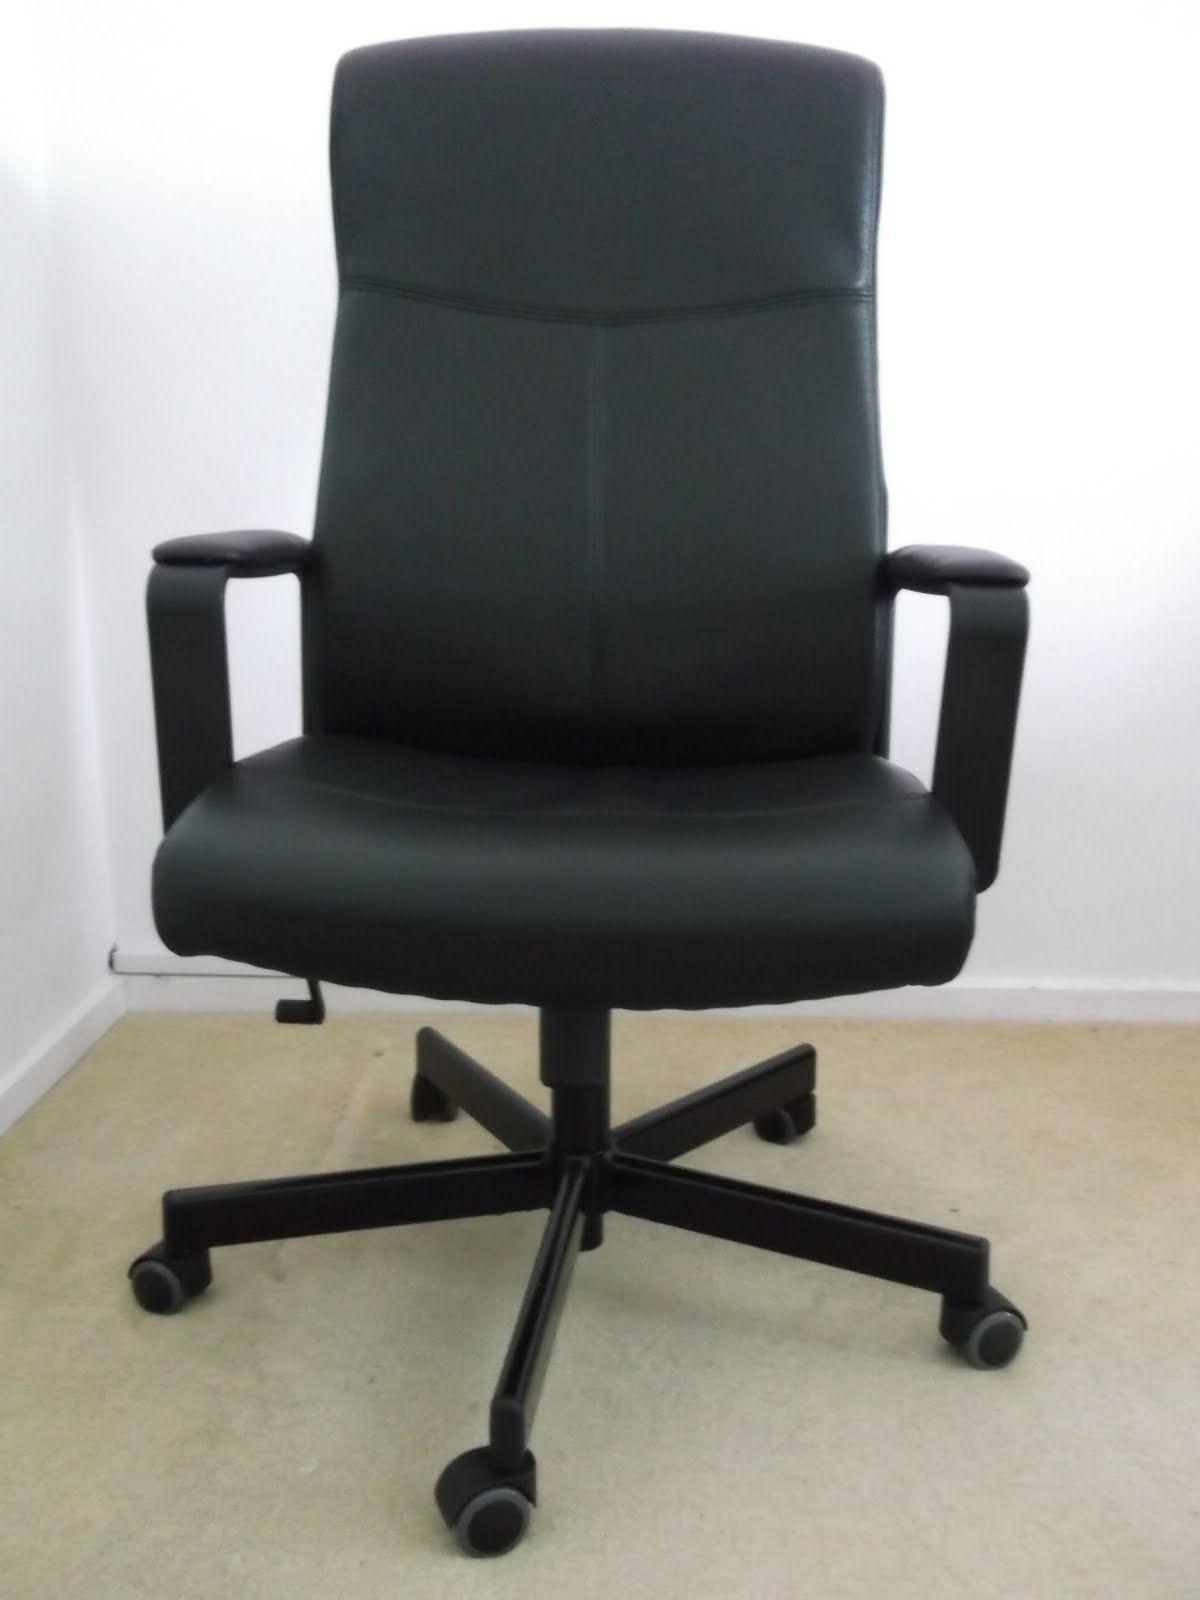 Malkolm Ikea Swivel Chair Ikea Chair Ikea Office Chair Luxury